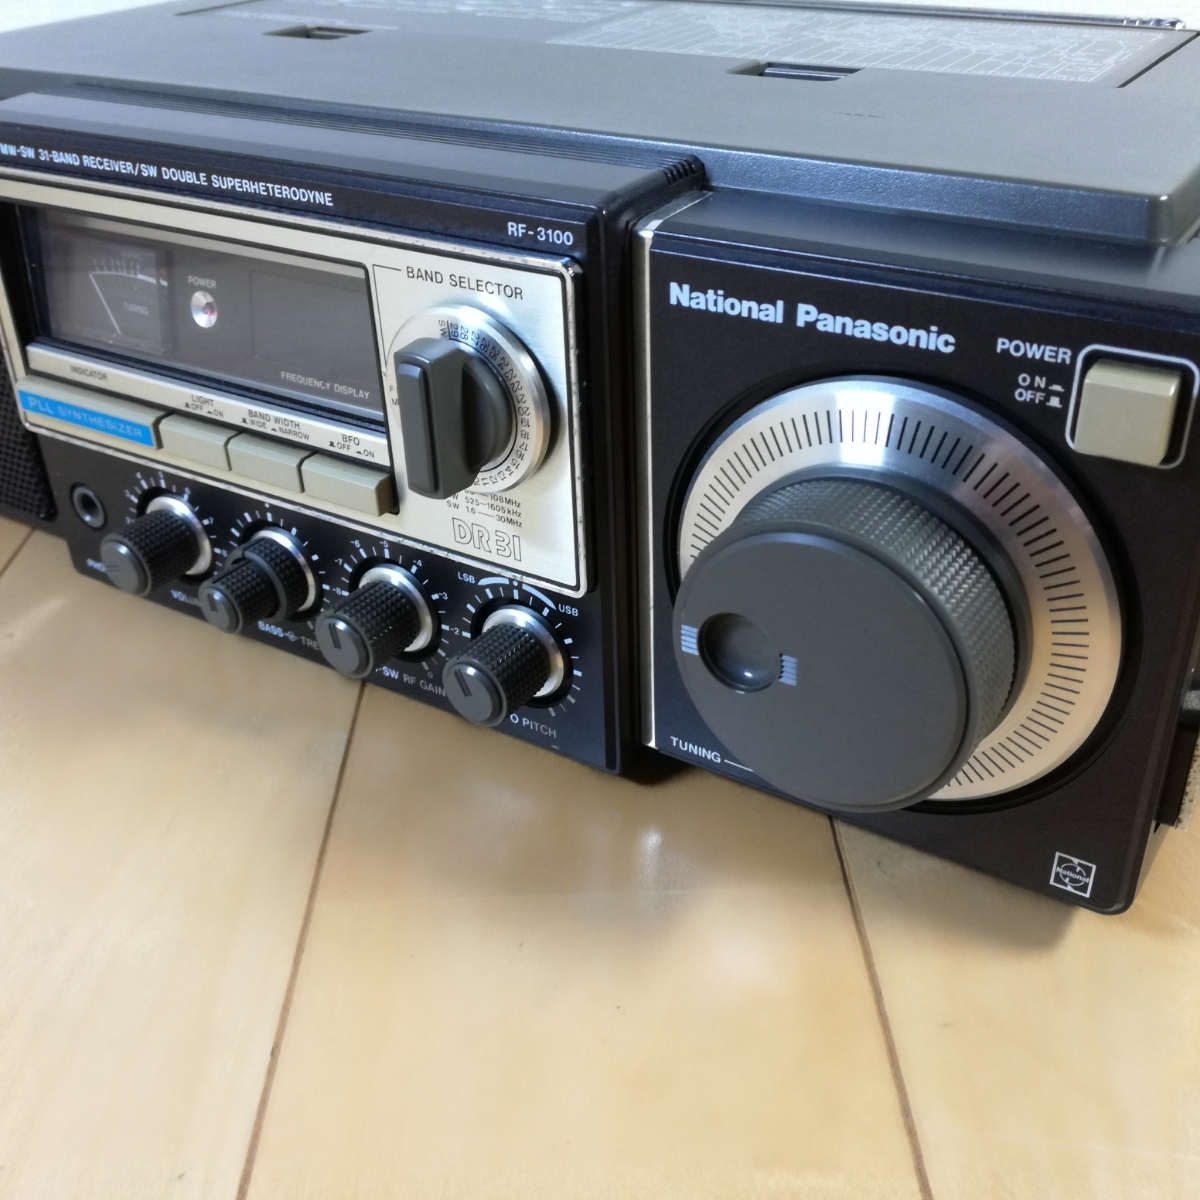 美品!! 動作確認済!! National Panasonic FM-MW-SW 31バンドレシーバー RF-3100 アンティークラジオ _画像2